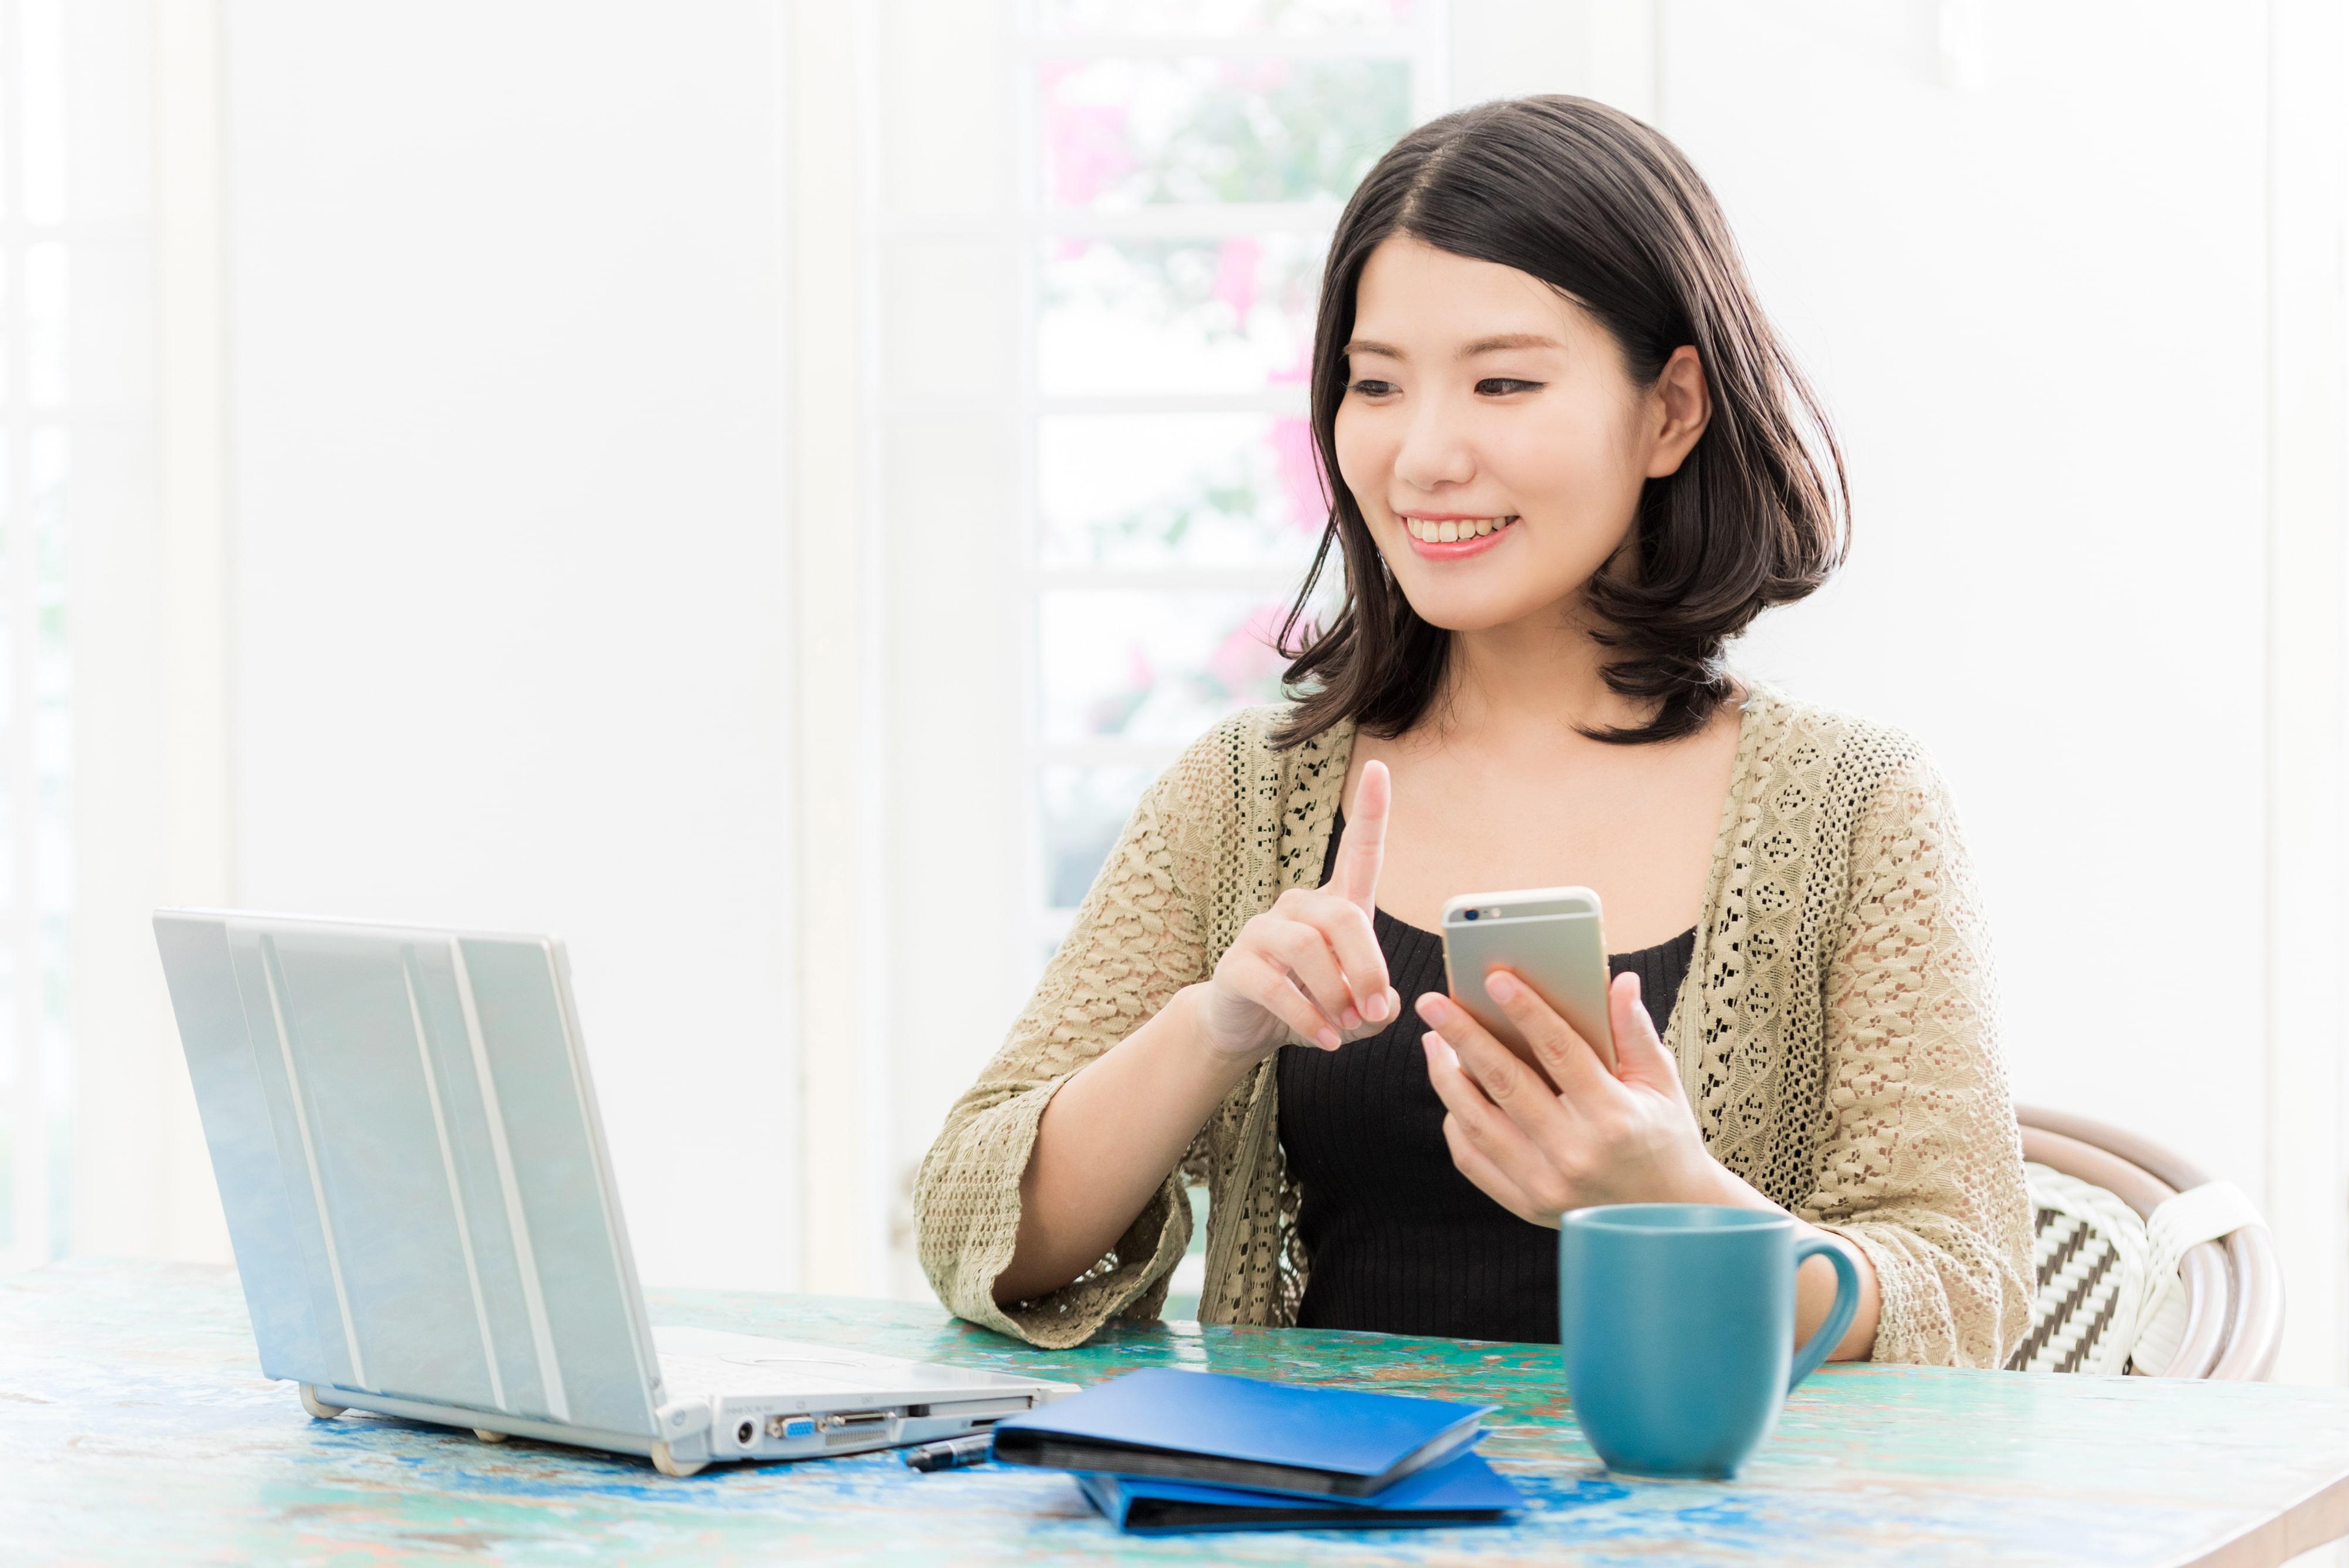 女性スマホとパソコン